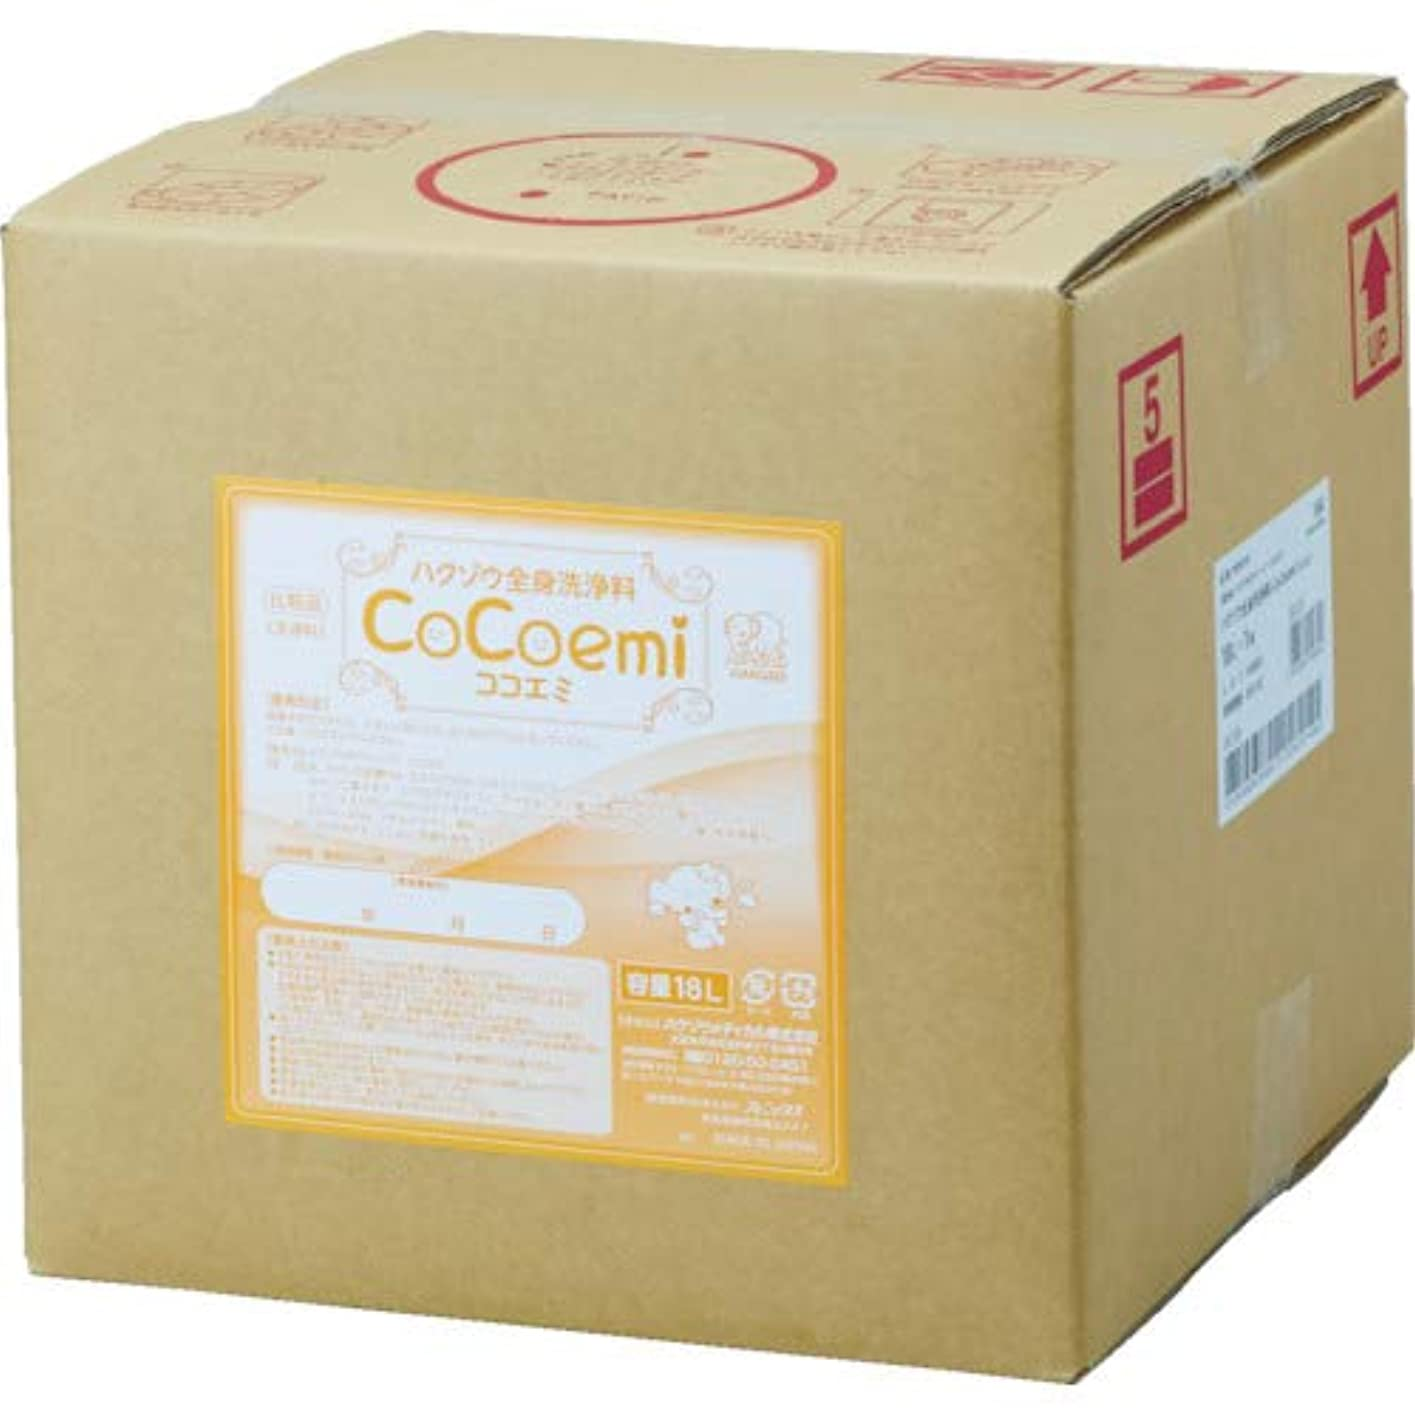 不条理たまに構想するハクゾウメディカル ハクゾウ全身洗浄料CoCoemi(ココエミ) 18L 3009018